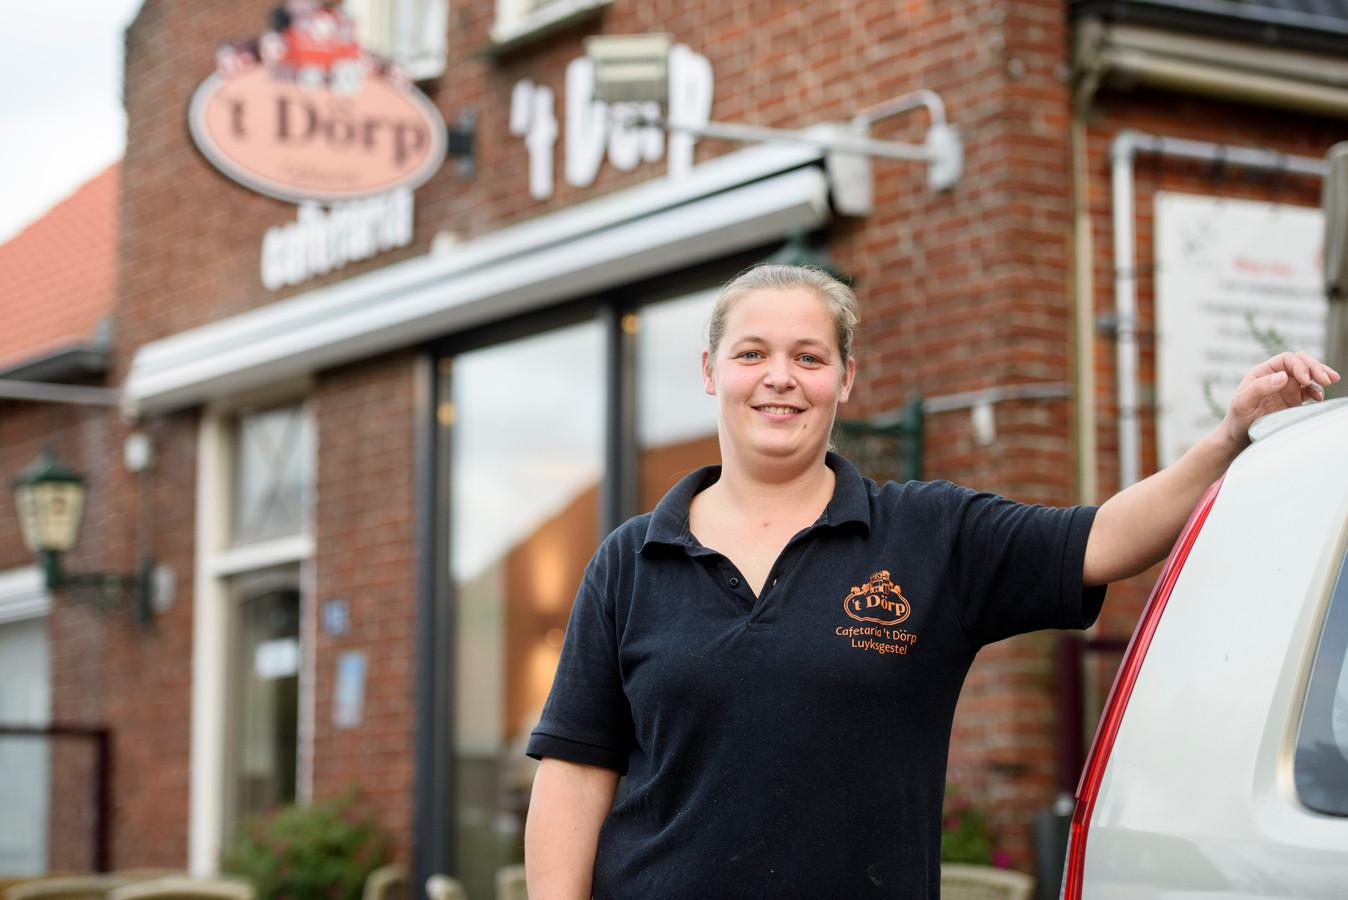 Door een structureel nijpend personeelstekort, moet Loes Lavrijsen haar cafetaria in Luyksgestel sluiten.